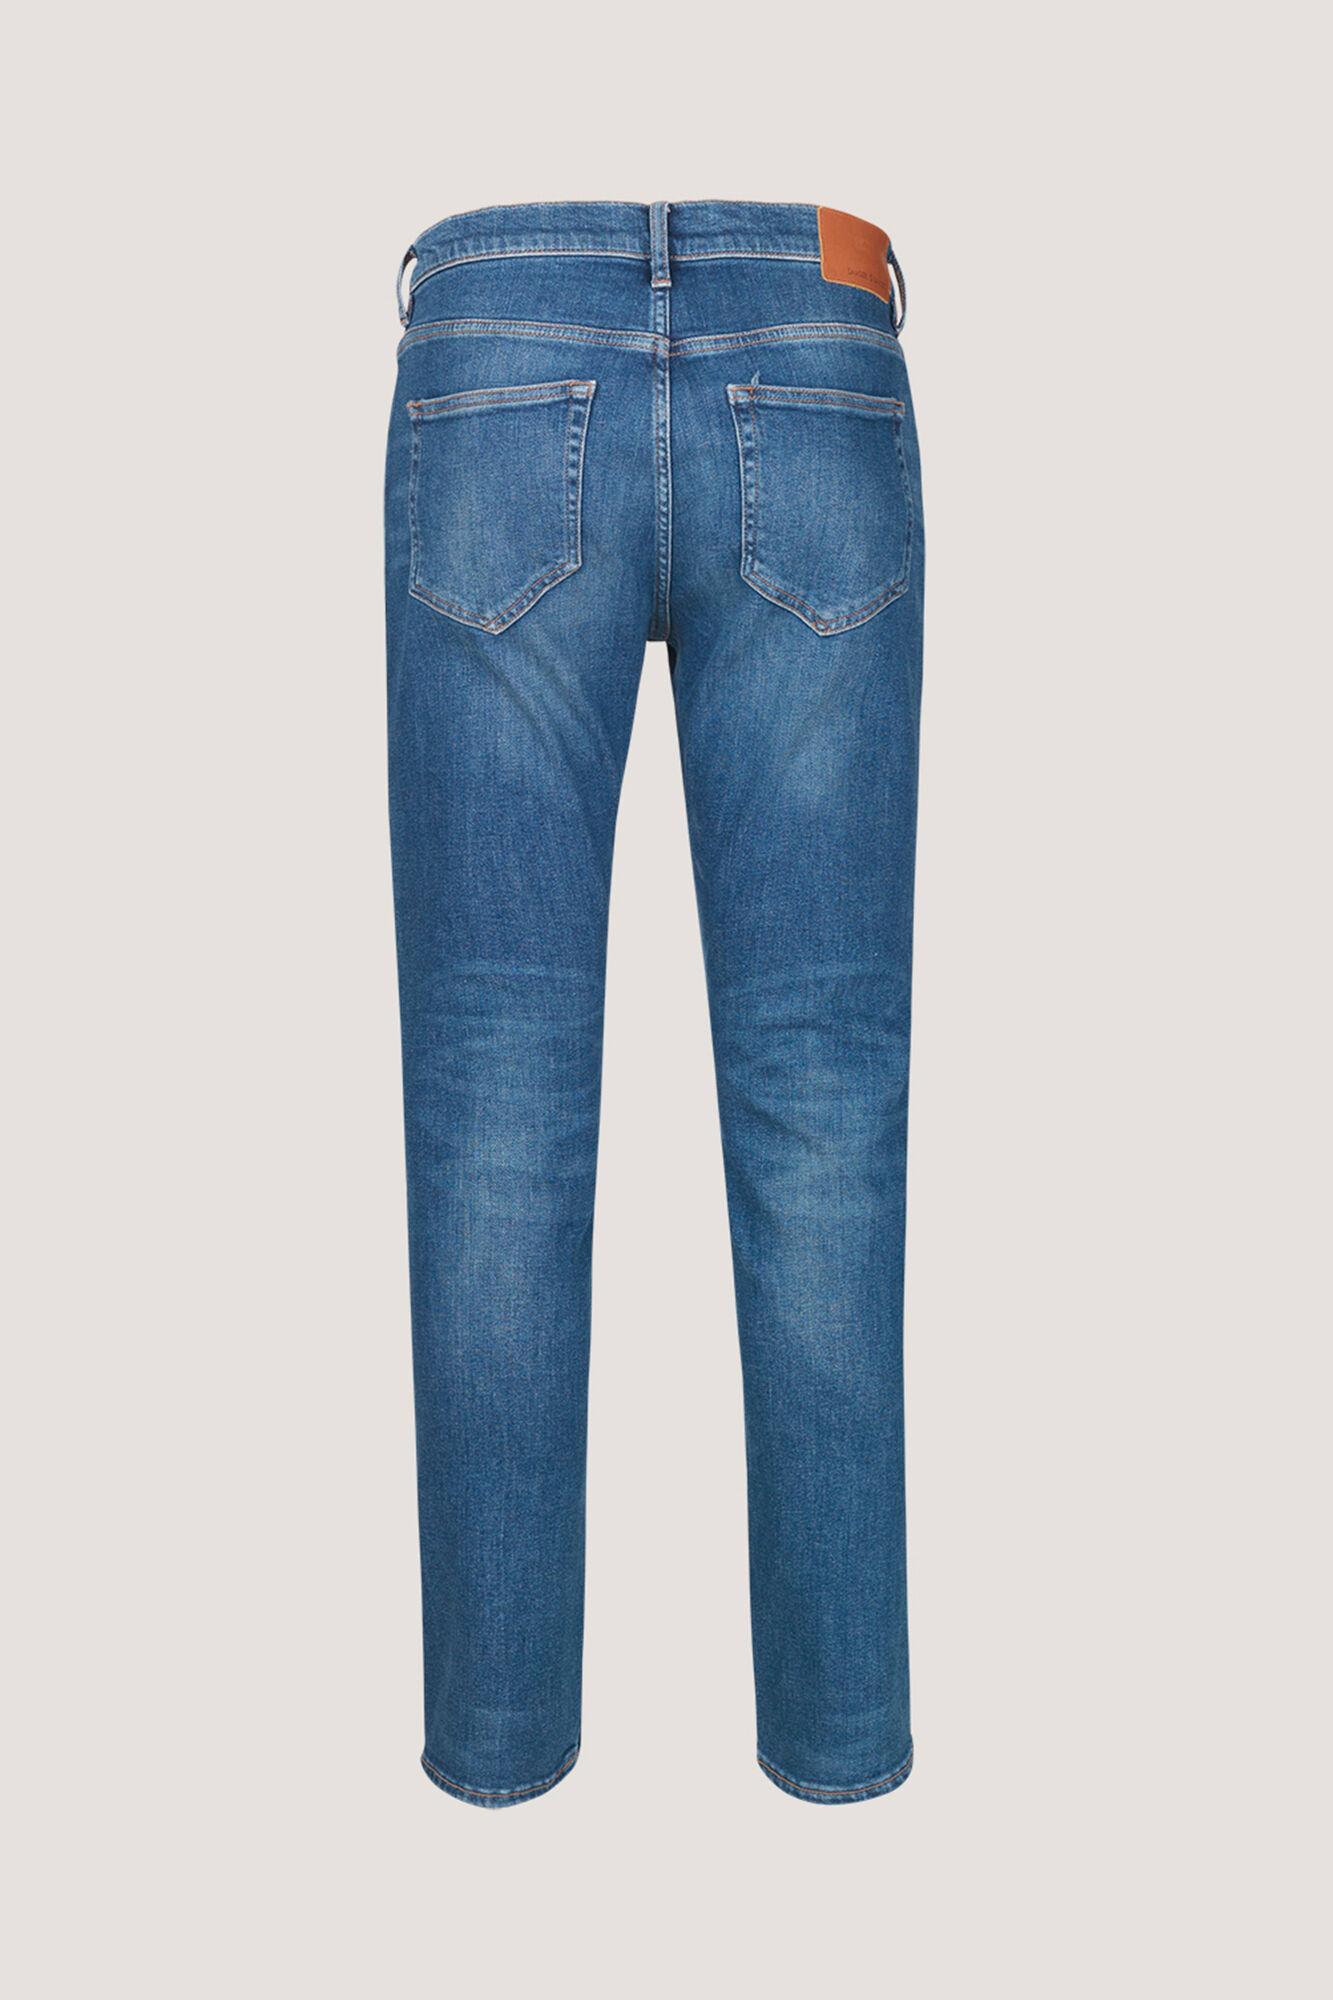 Stefan jeans 10810